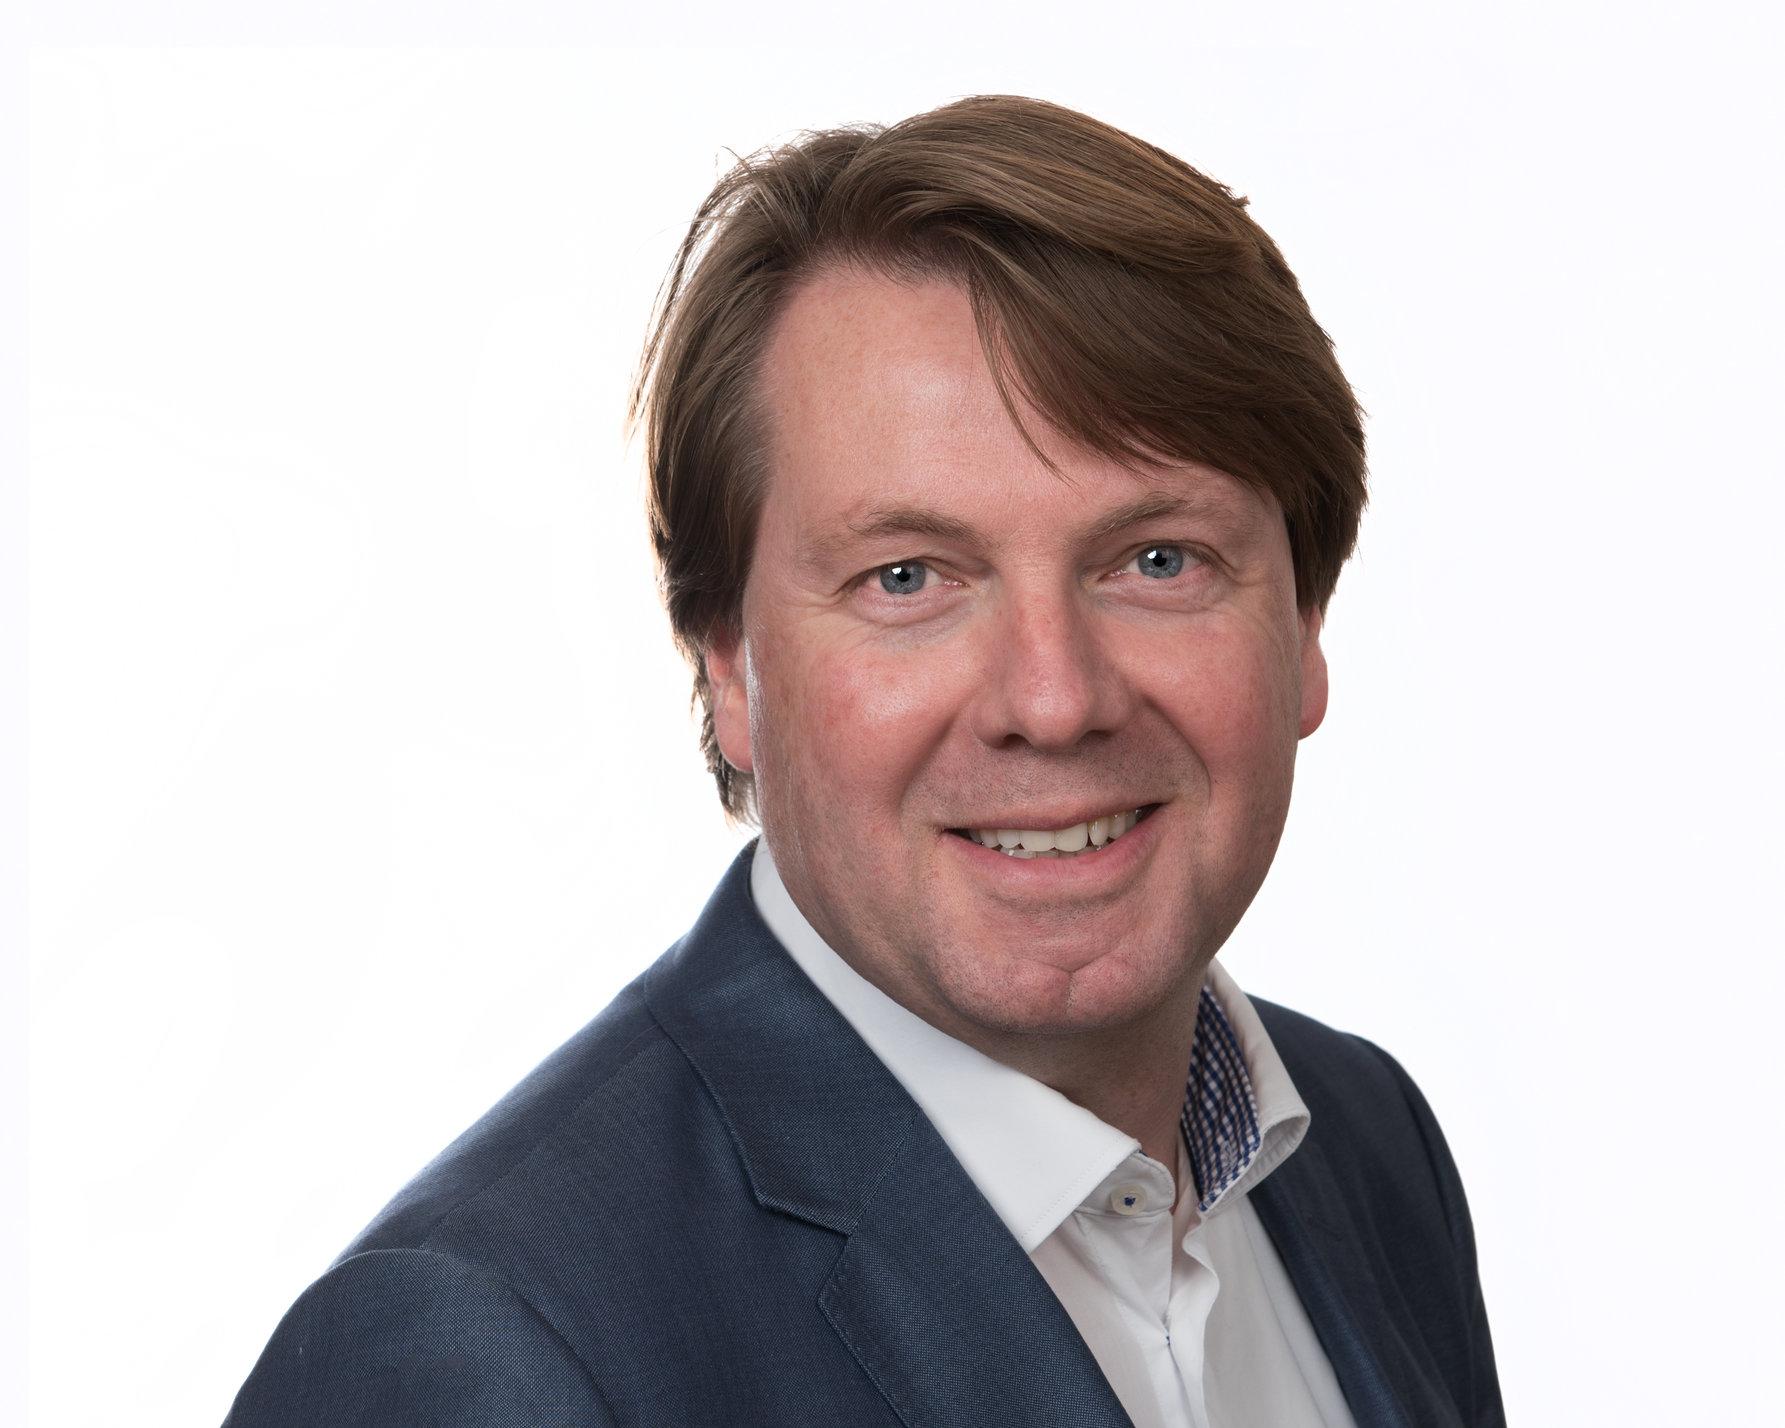 Sander Geytenbeek